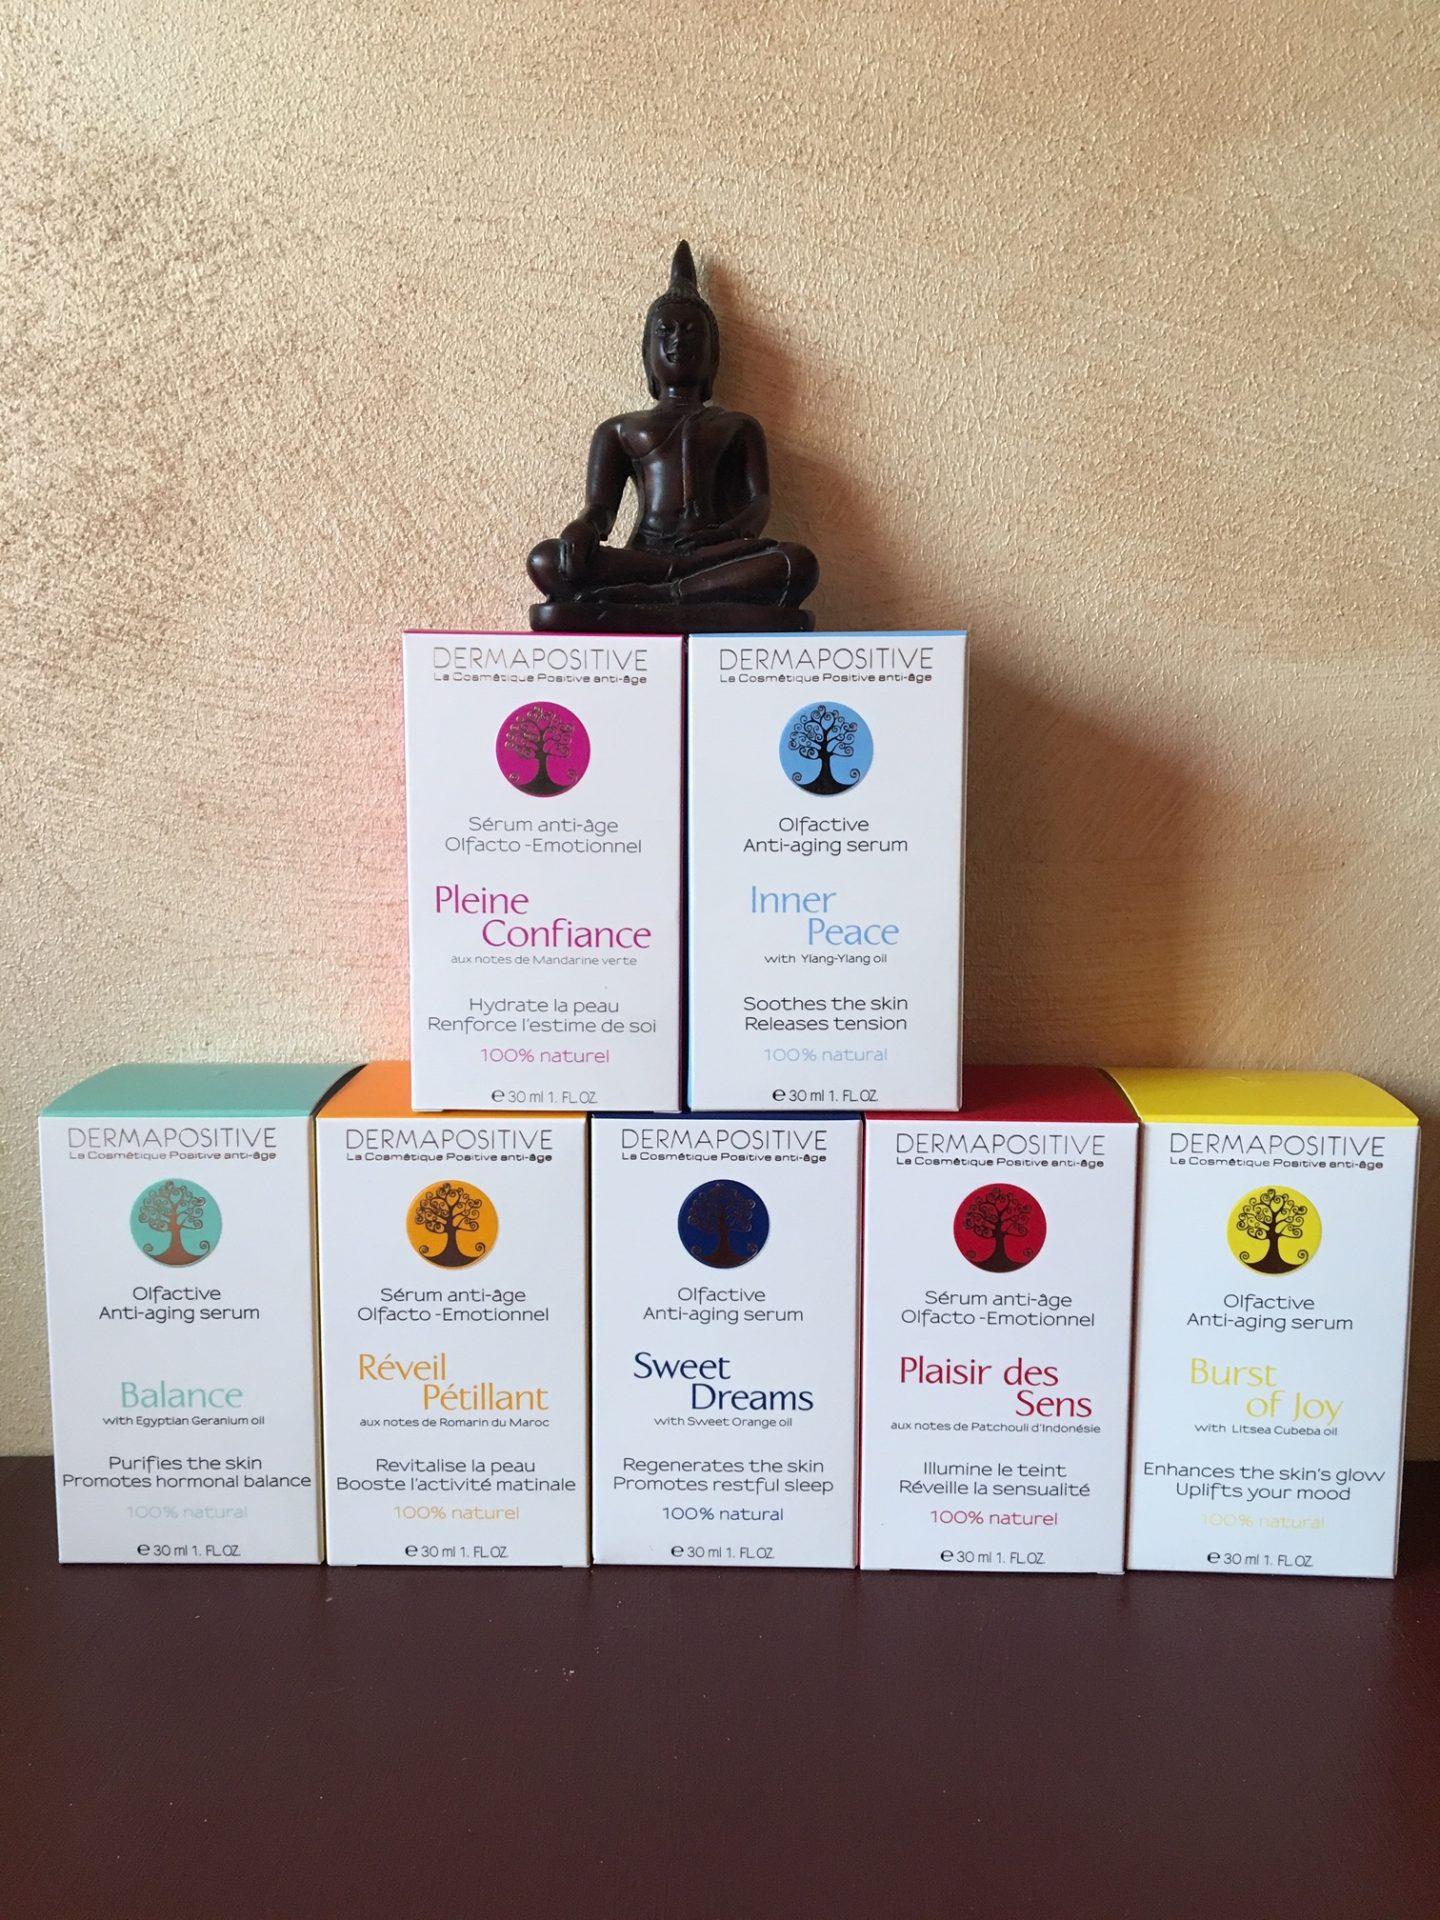 Ce n'est pas un mais 7 sérums que Dermapositive nous invite à découvrir dans des voyages olfactifs!